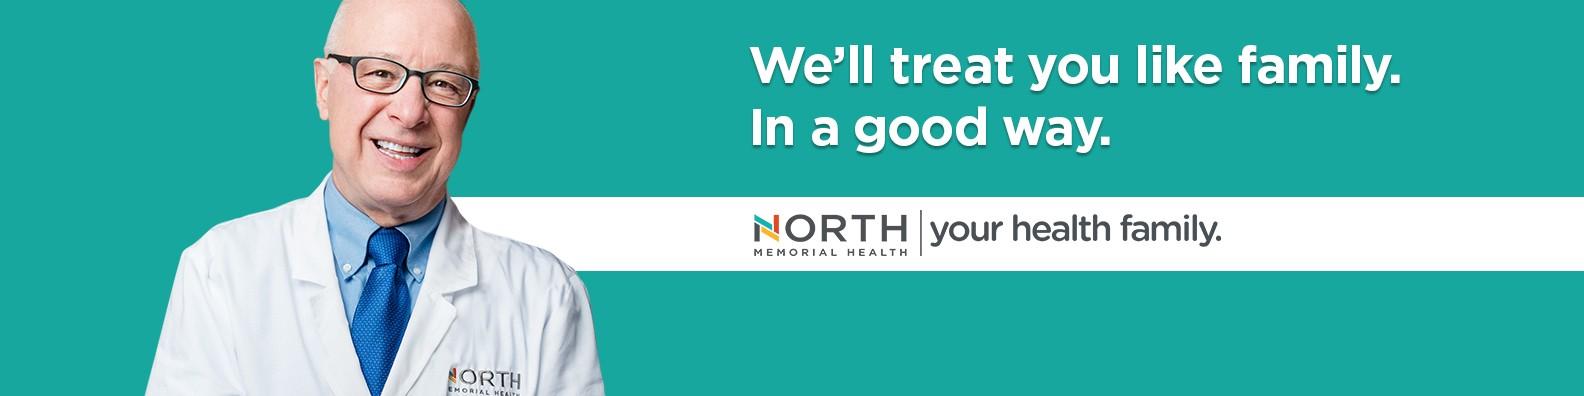 North Memorial Health | LinkedIn